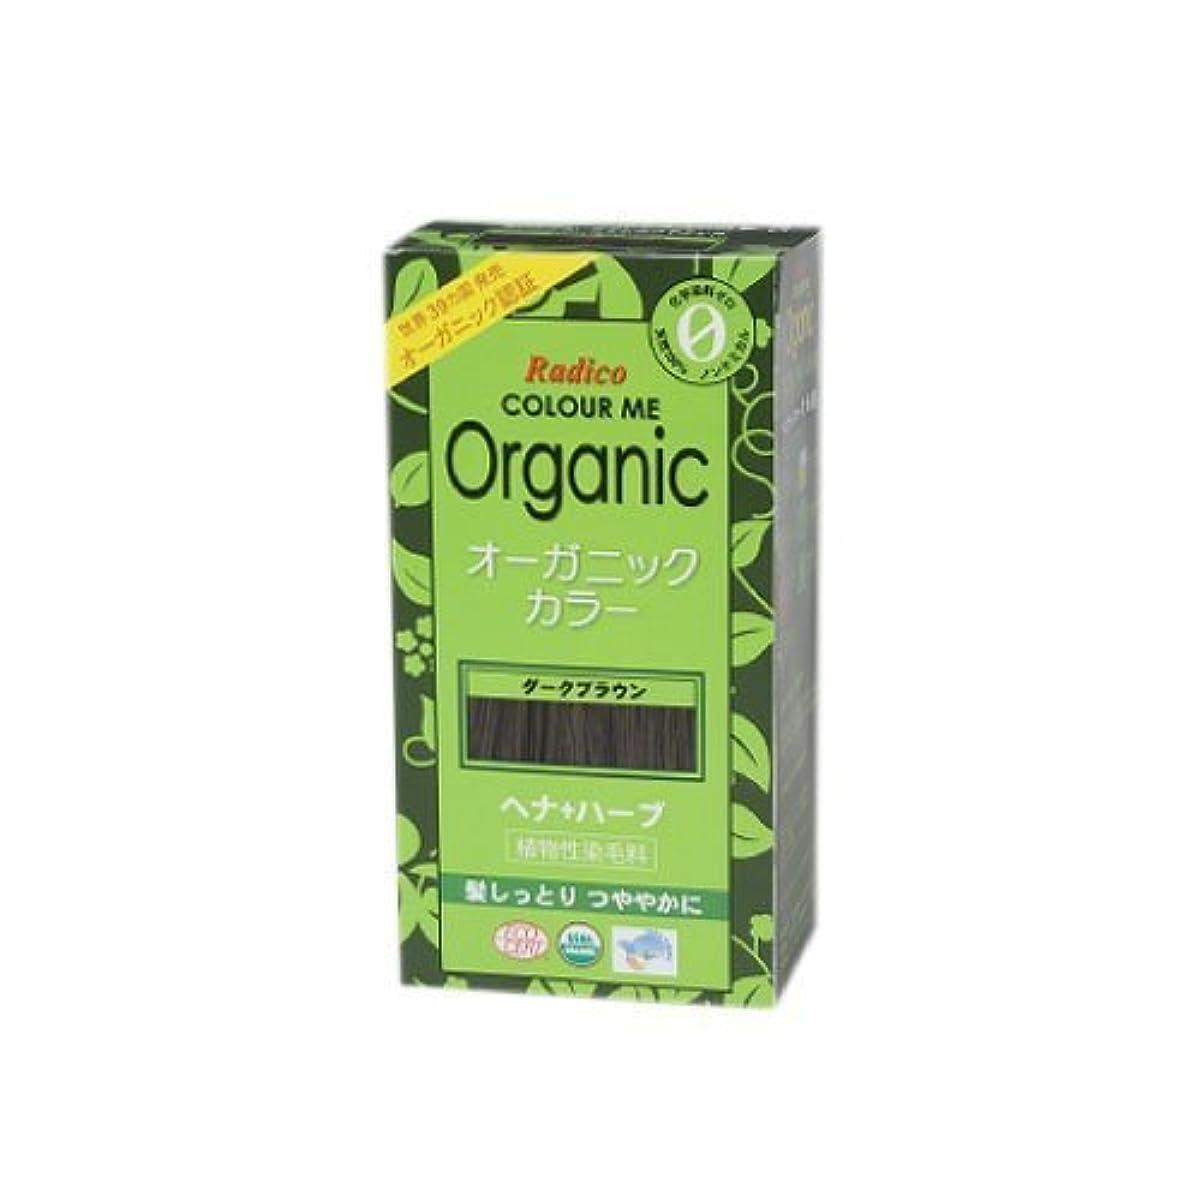 用心深い公園ジャンプCOLOURME Organic (カラーミーオーガニック ヘナ 白髪用) ダークブラウン 100g